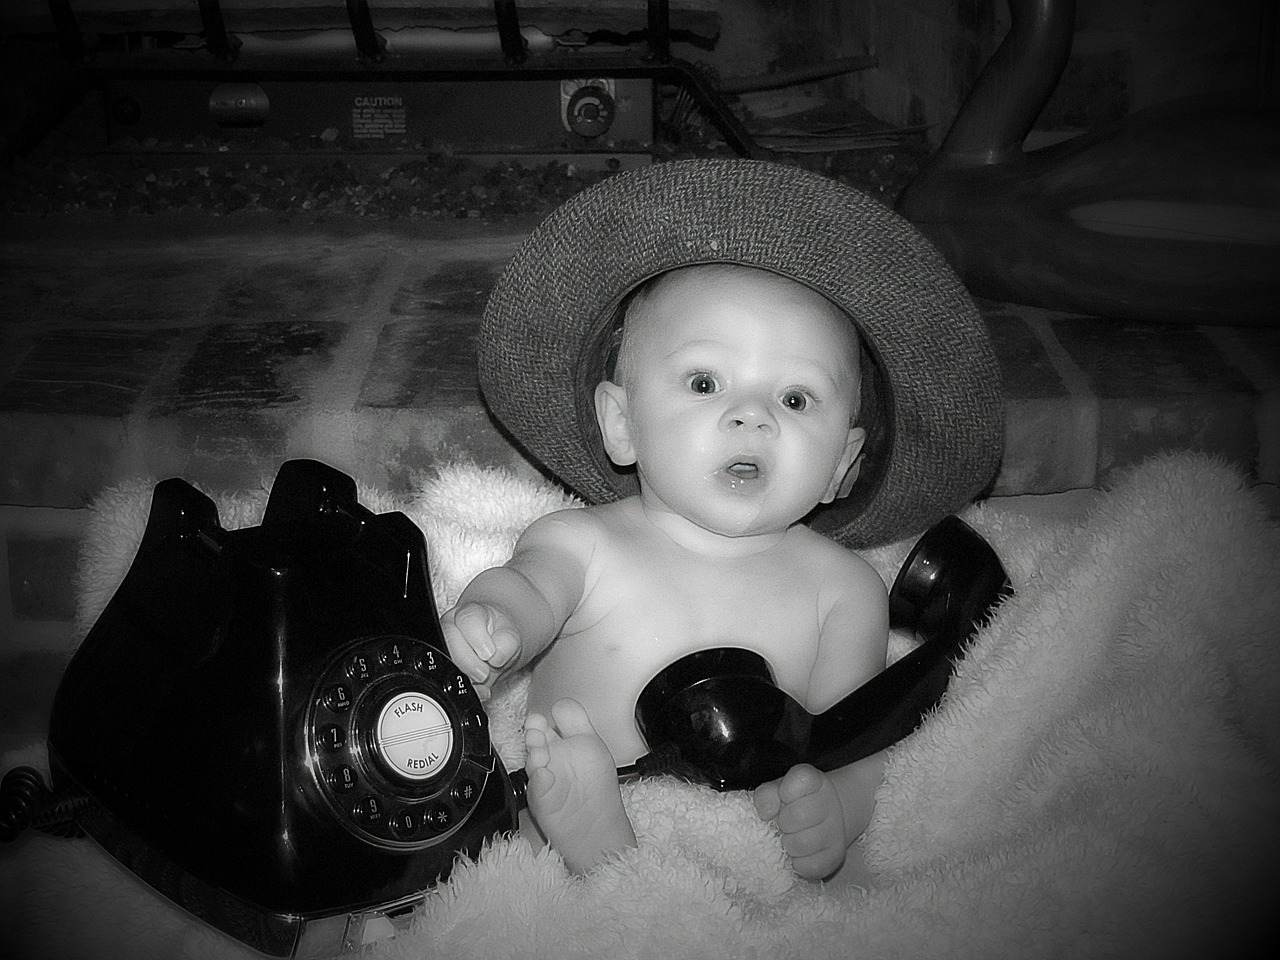 на мобильный телефон скачать картинки